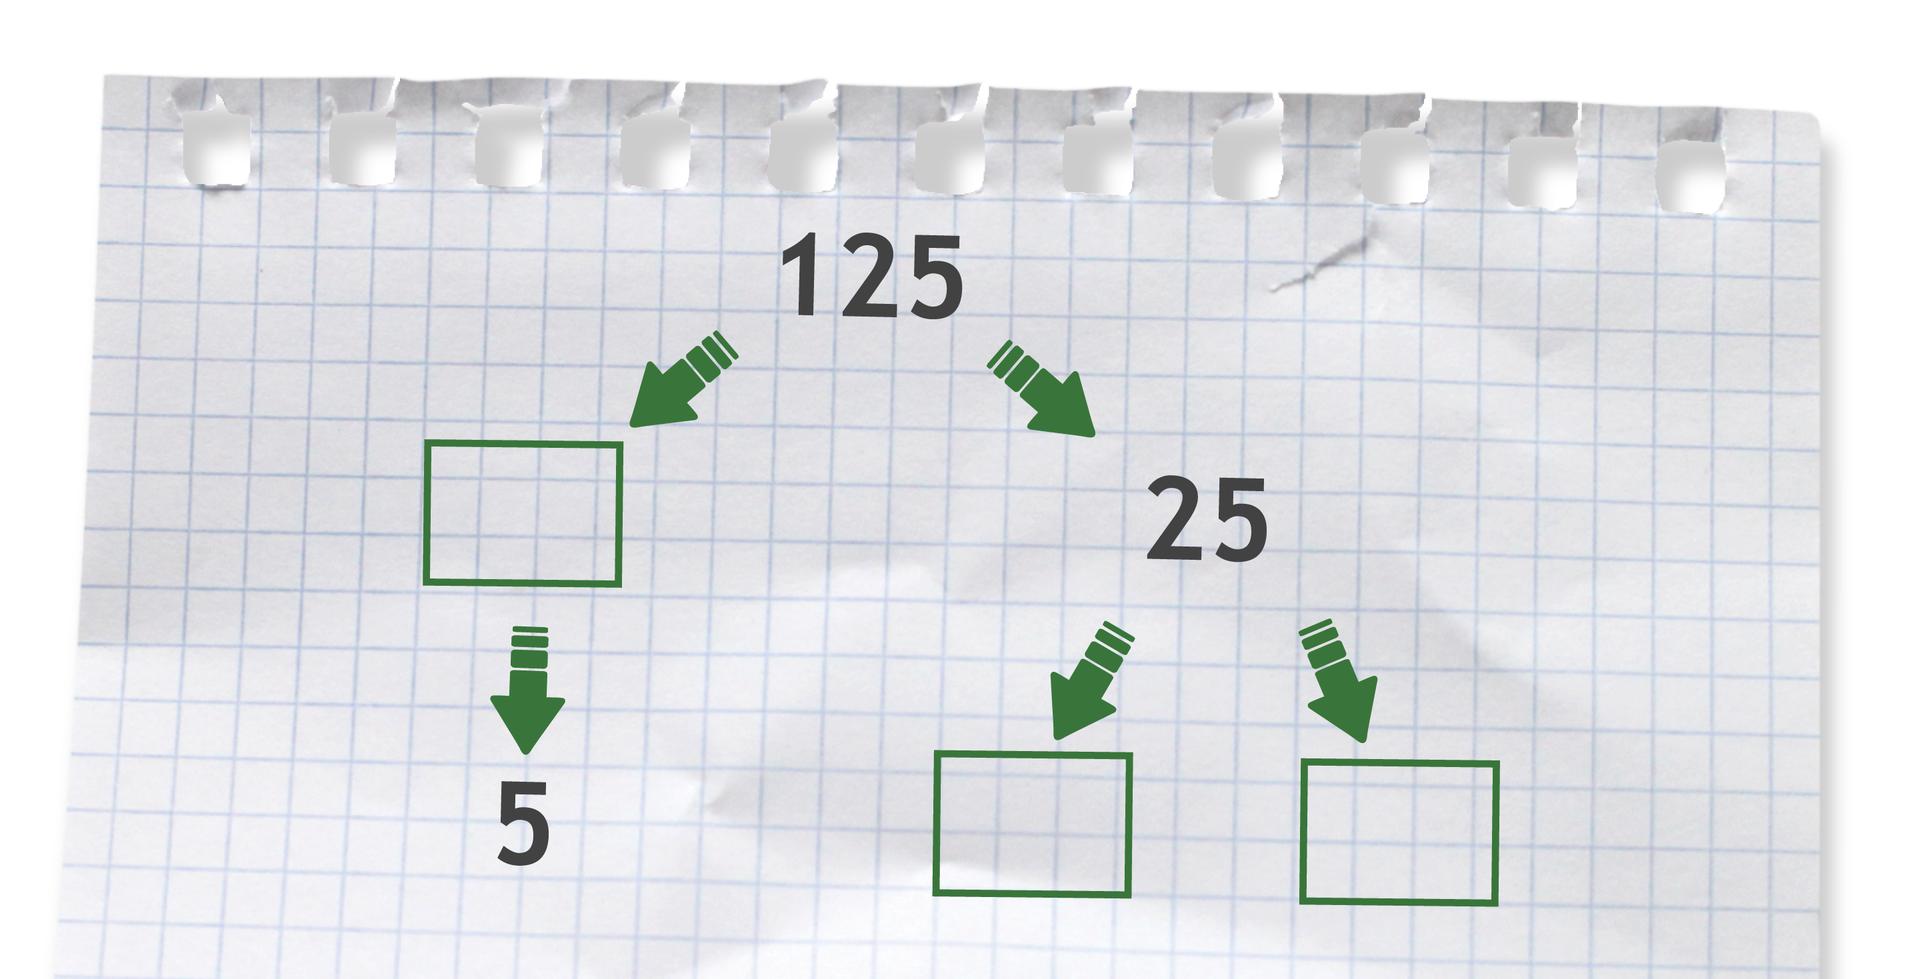 Rysunek drzewka do rozłożenia liczby 125 na czynniki pierwsze.